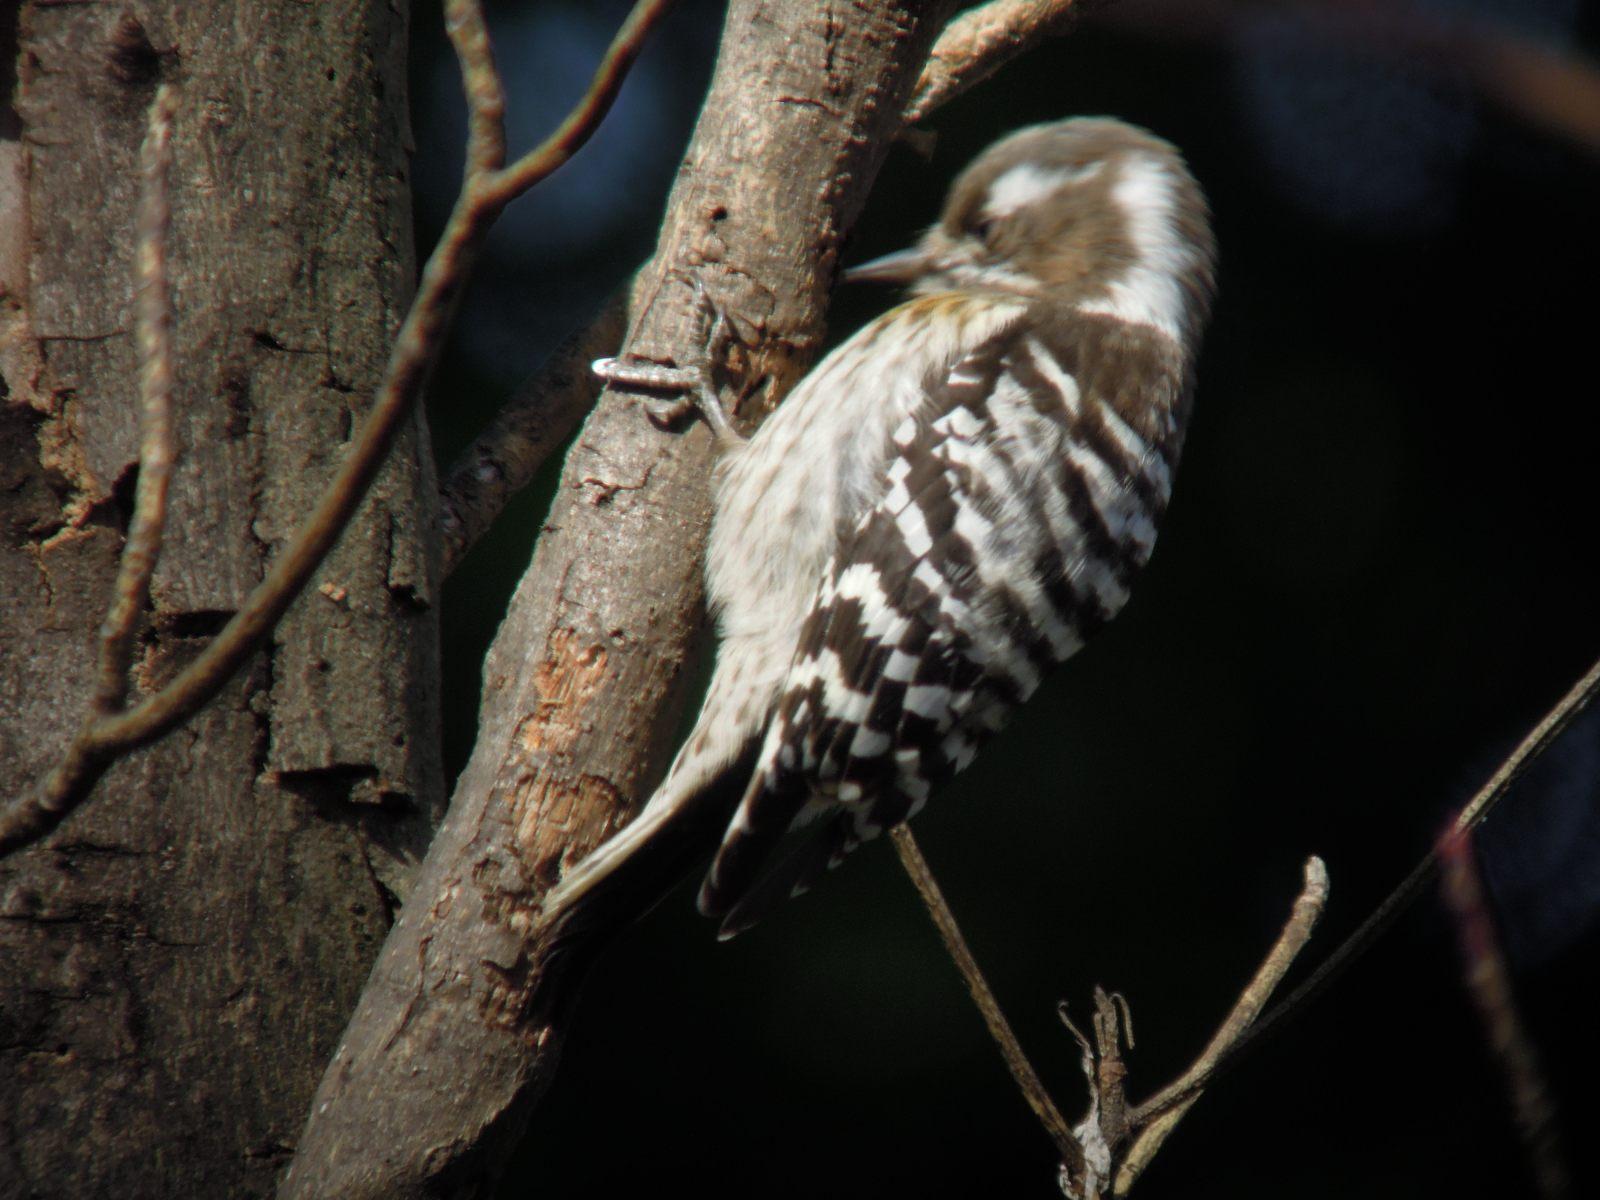 2014年2月7日 コゲラ/小啄木鳥/Japanese Pygmy Woodpecker_f0108797_15435123.jpg